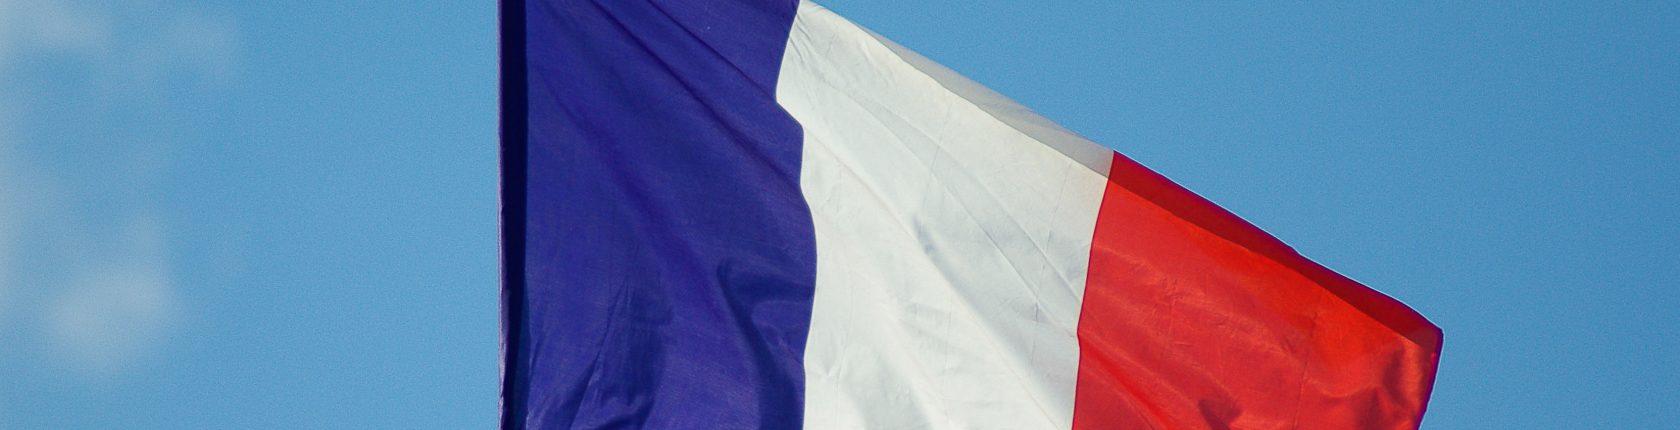 flag-993627